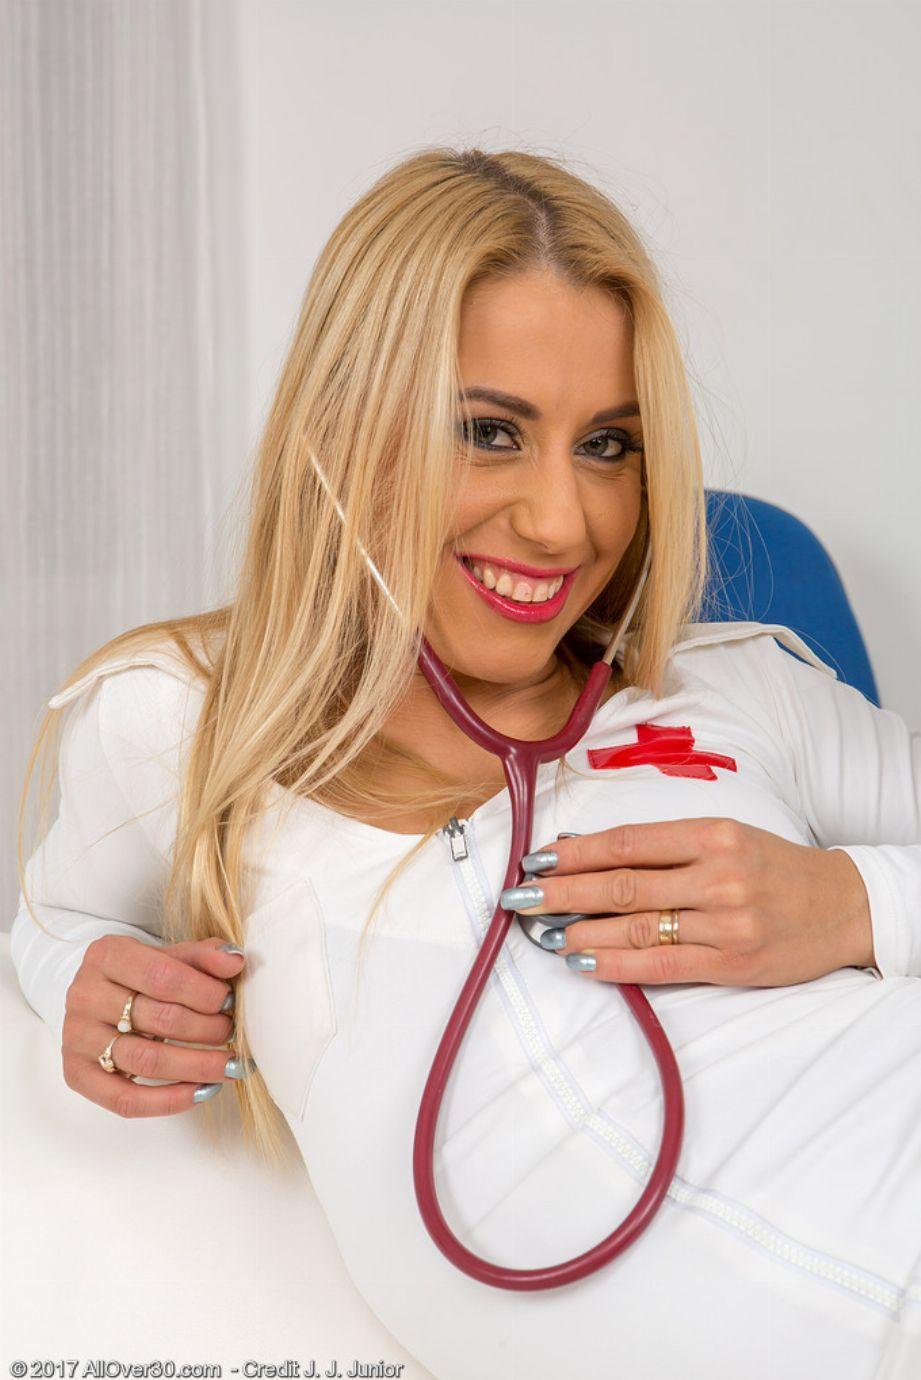 La enfermera rubia del turno de noche se hace unos dedos flipantes - foto 5